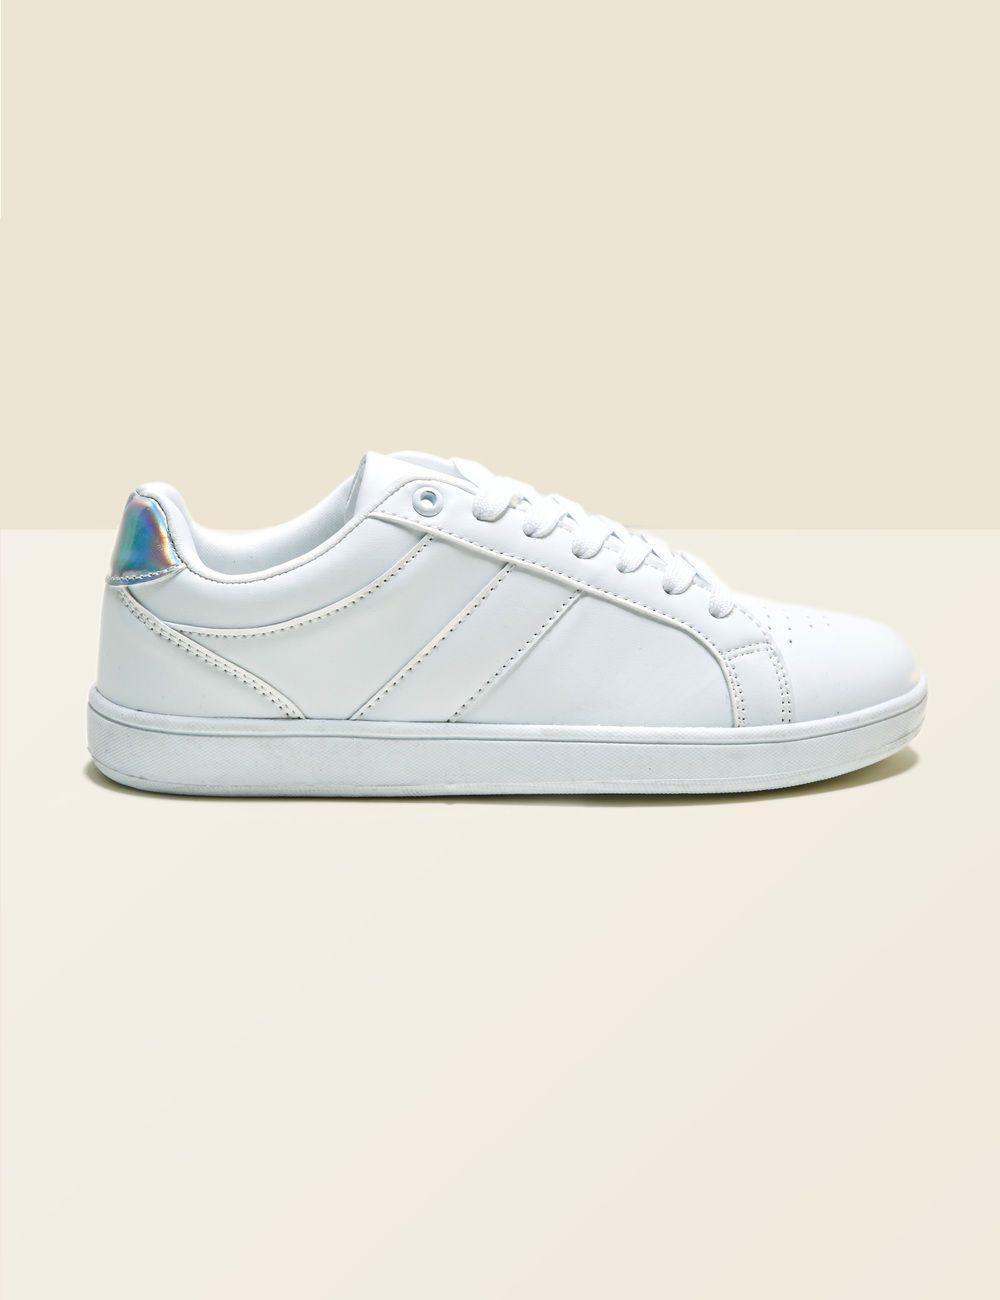 Détail • Sneakers Femme Blanches JennyferBaskets Tennis Argenté Tlc1JFK